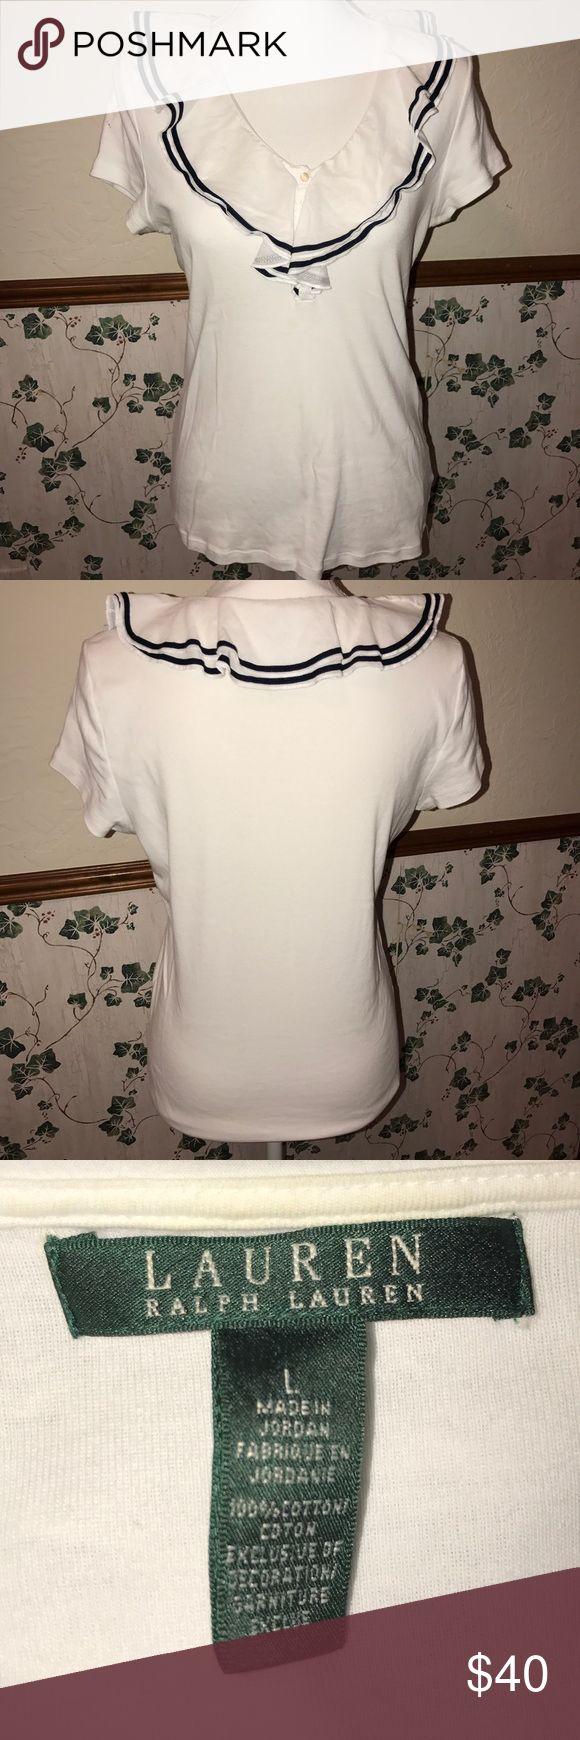 Ralph Lauren women's shirt White Ralph Lauren shirt. 100% cotton, machine wash cold. Size L NO TRADES! #6 Ralph Lauren Tops Tees - Short Sleeve